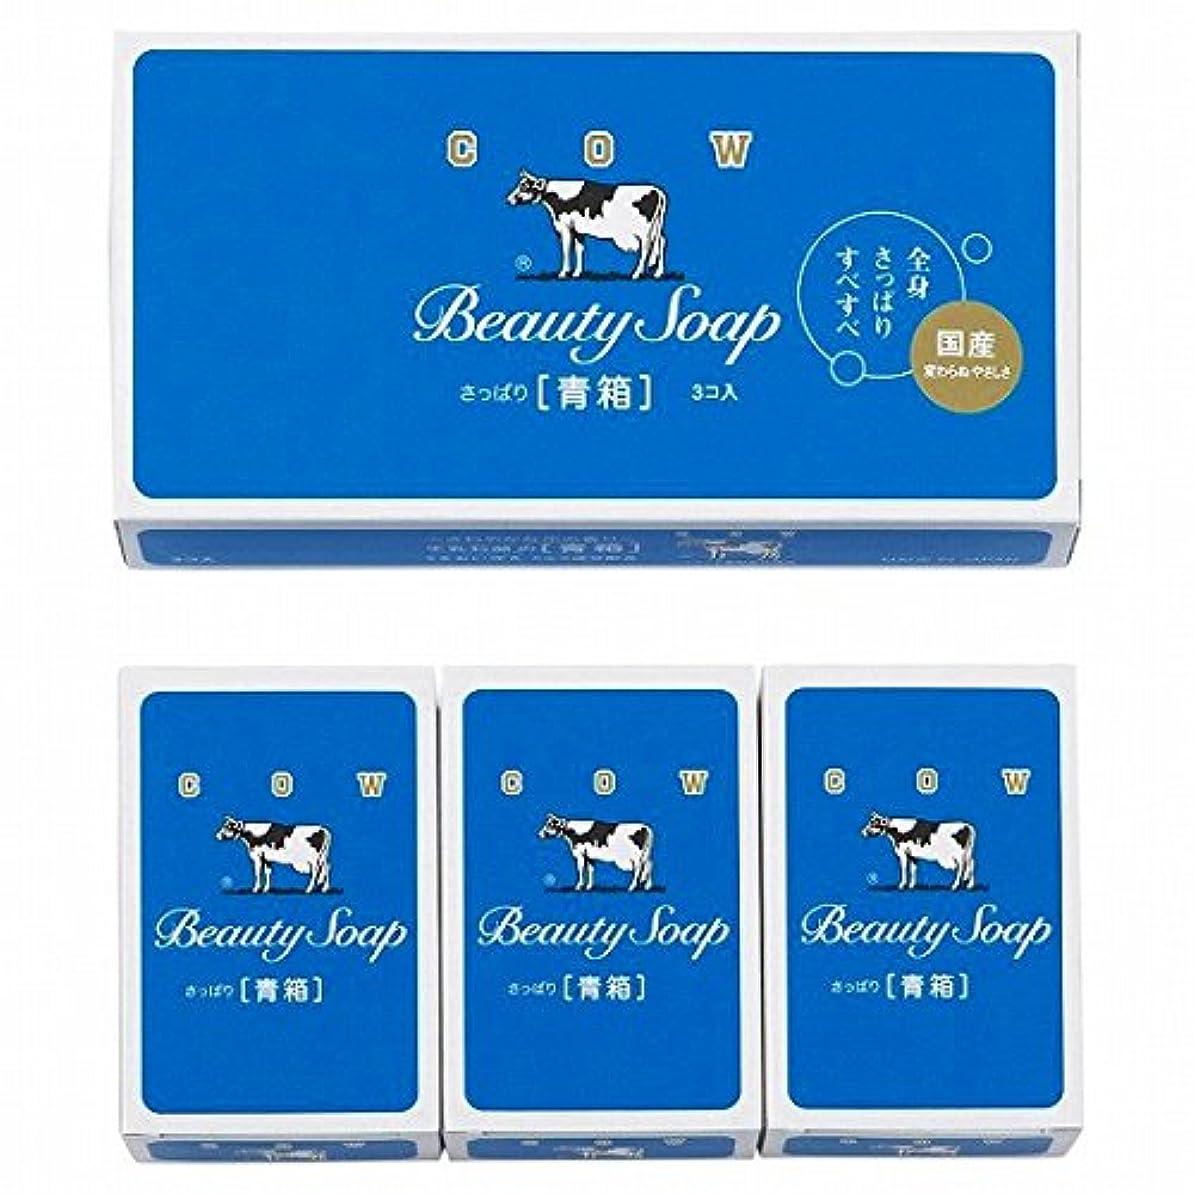 罹患率夜明け血色の良いnobrand 牛乳石鹸 カウブランド青箱3入(B17-033)